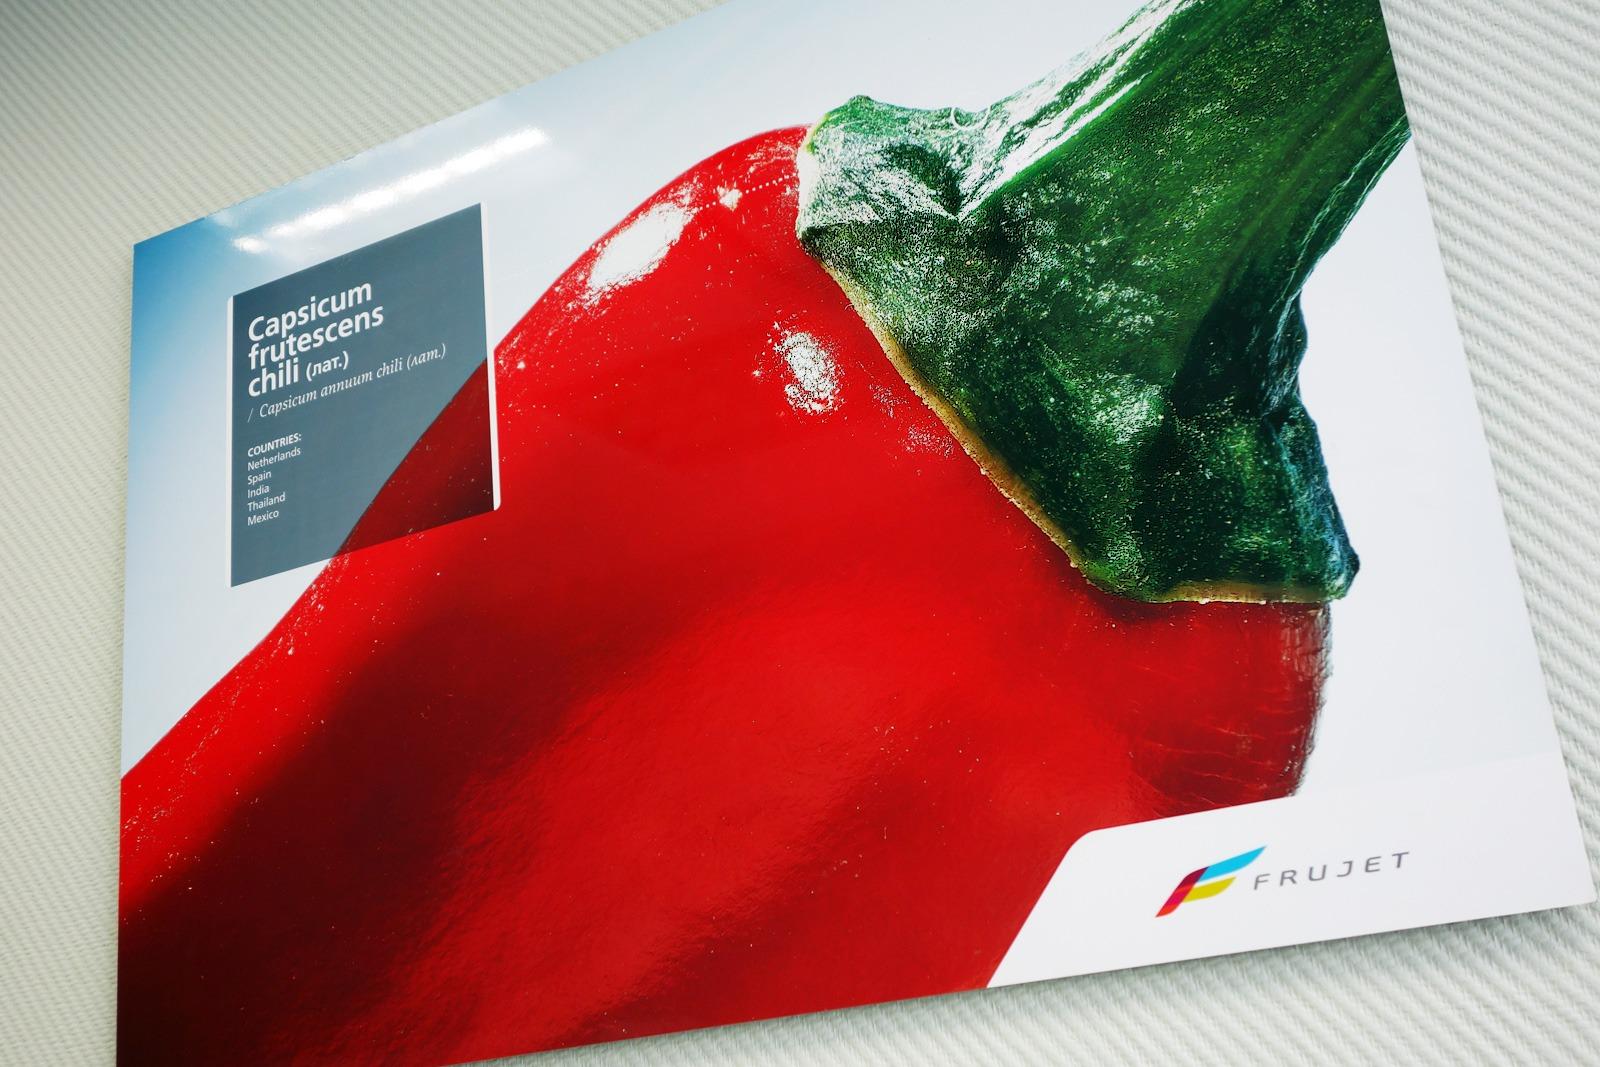 Asgard Branding, Frujet company brand identity, logo, брендинг в интерьере